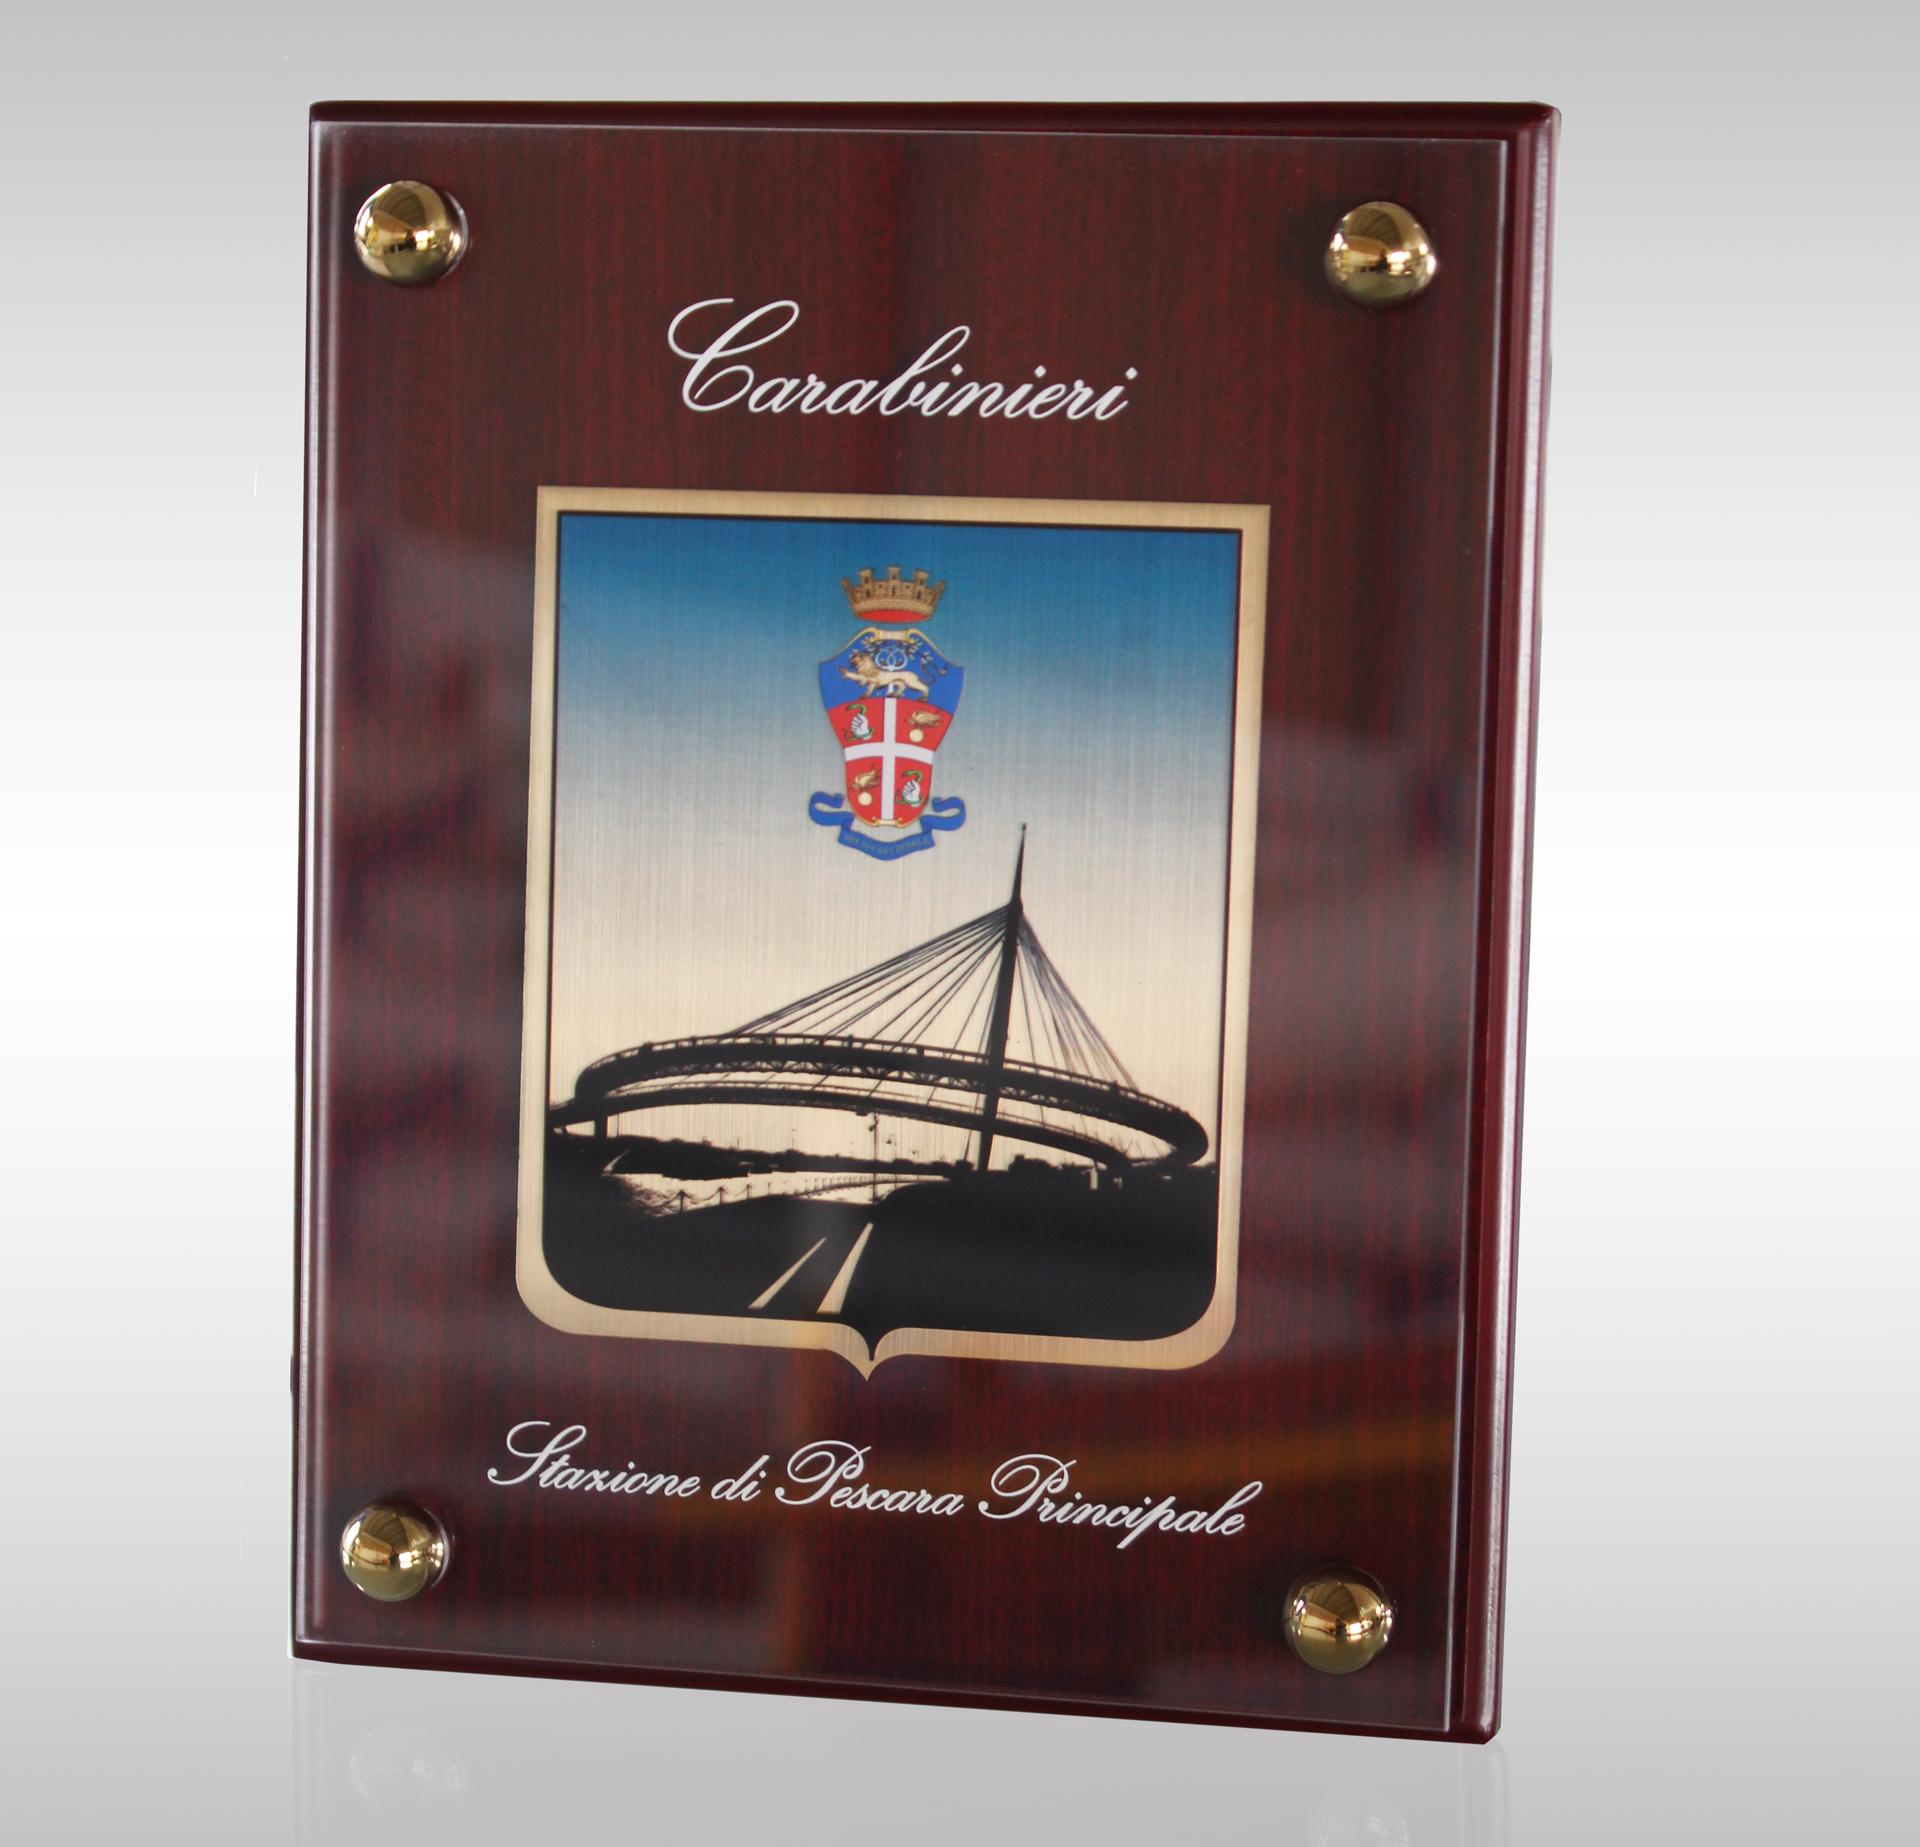 Quadro Personalizzato Carabinieri Pescara Principale